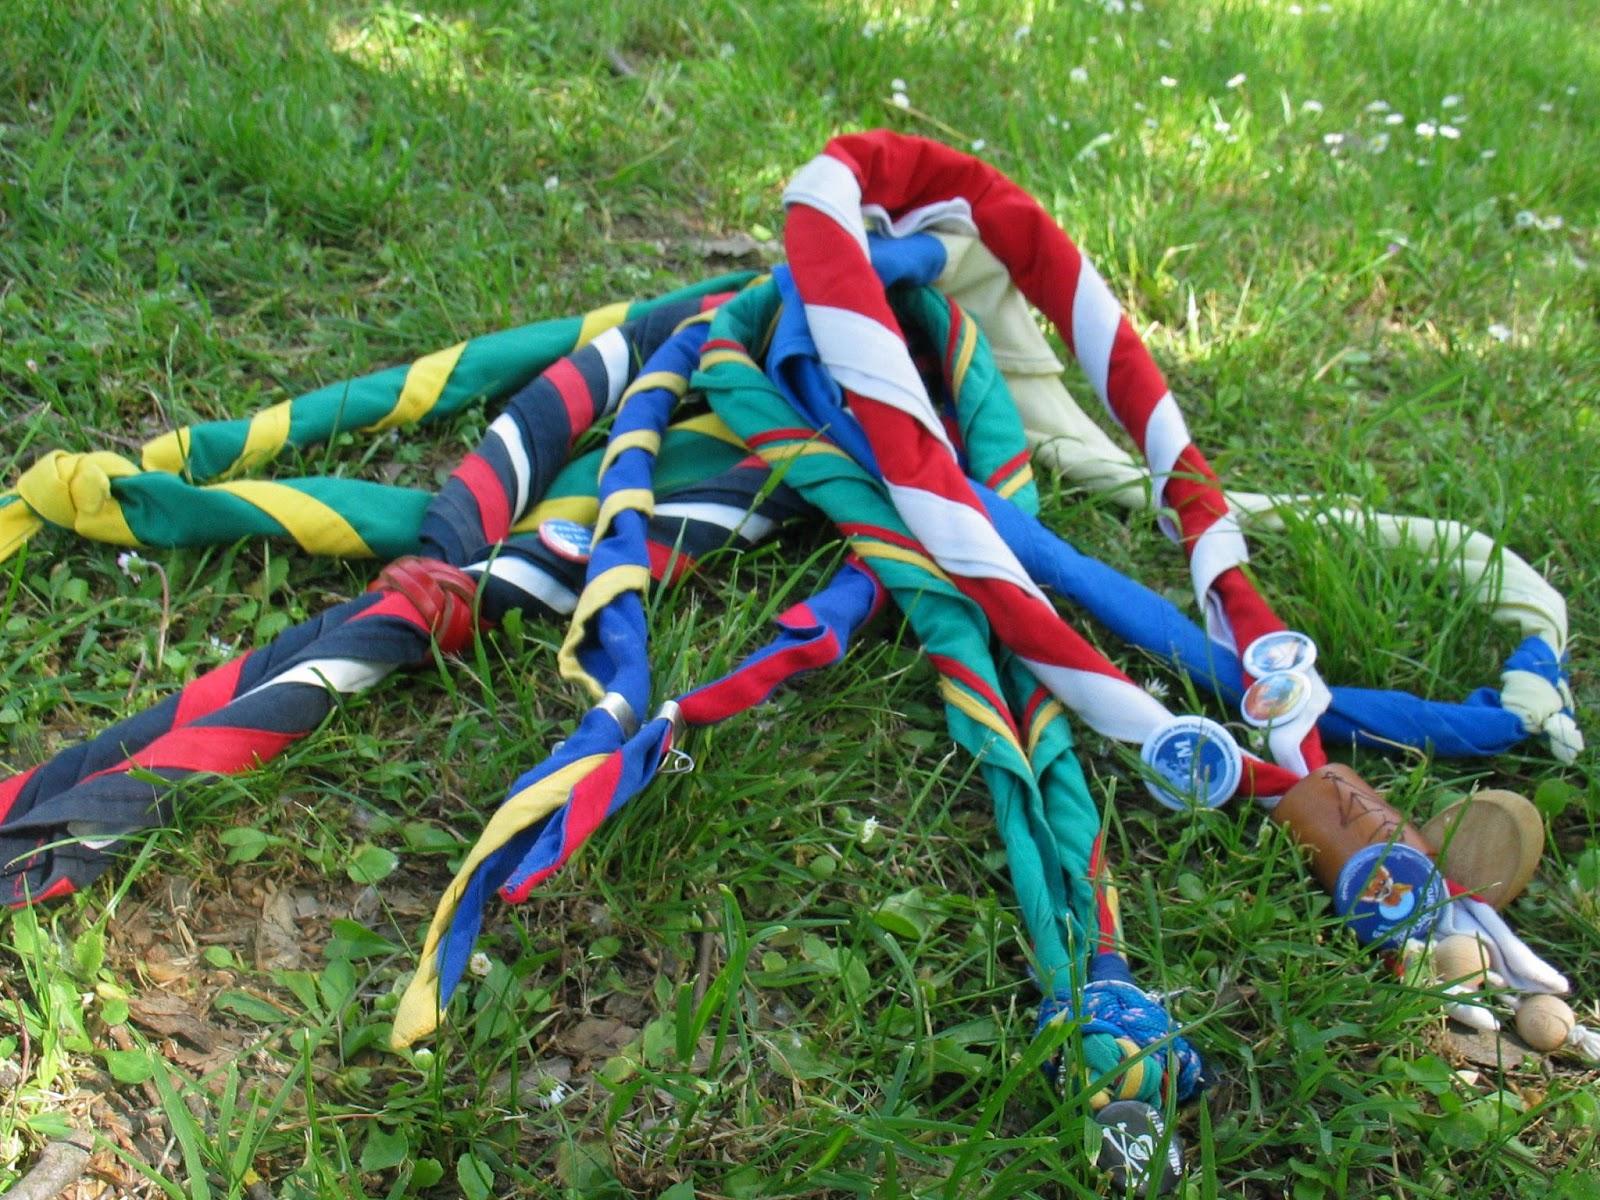 foulard-1529535767.jpg